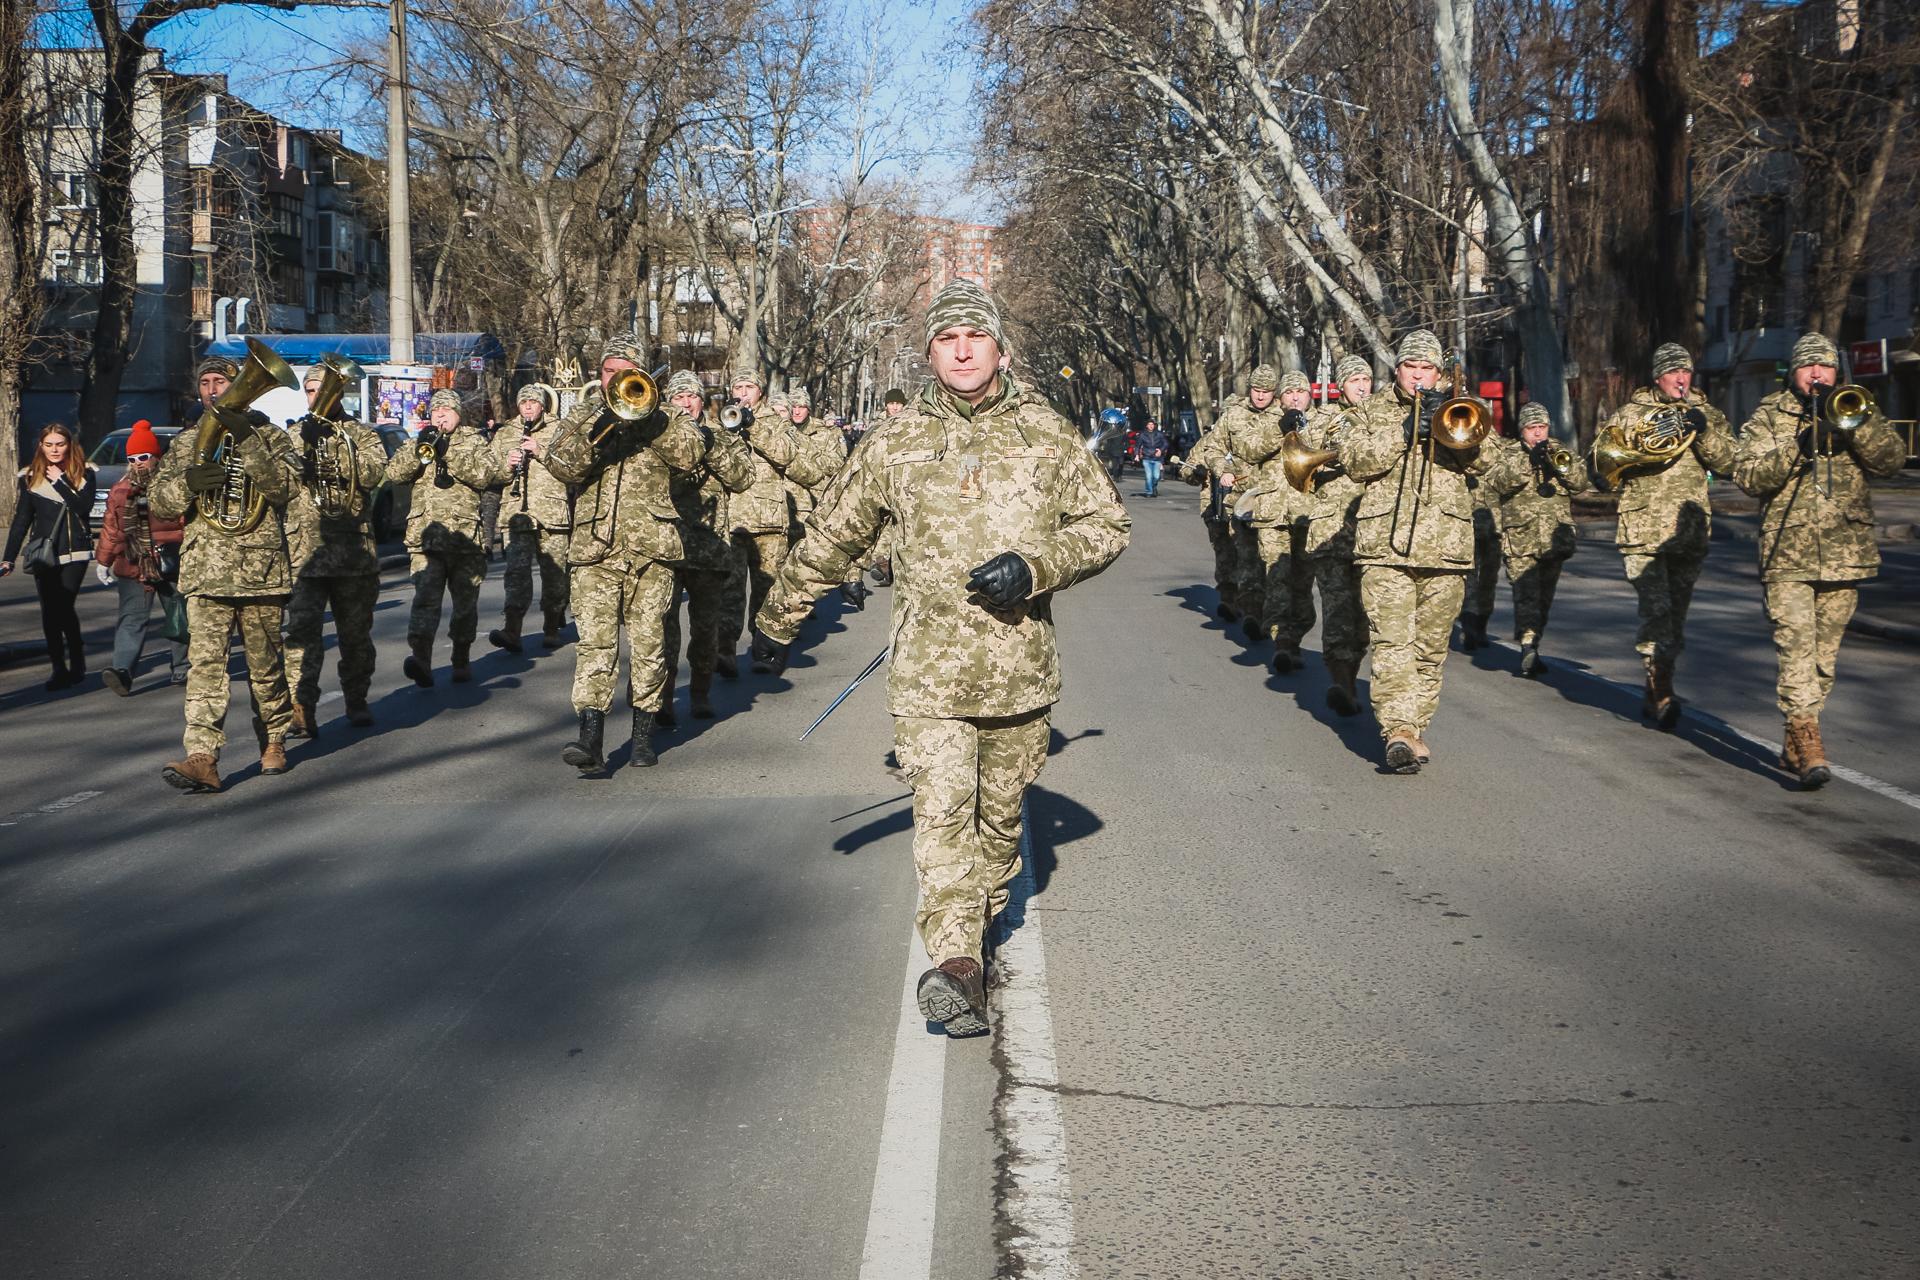 В Одессе прошло торжественное шествие военнослужащих и ветеранов АТО (фоторепортаж)